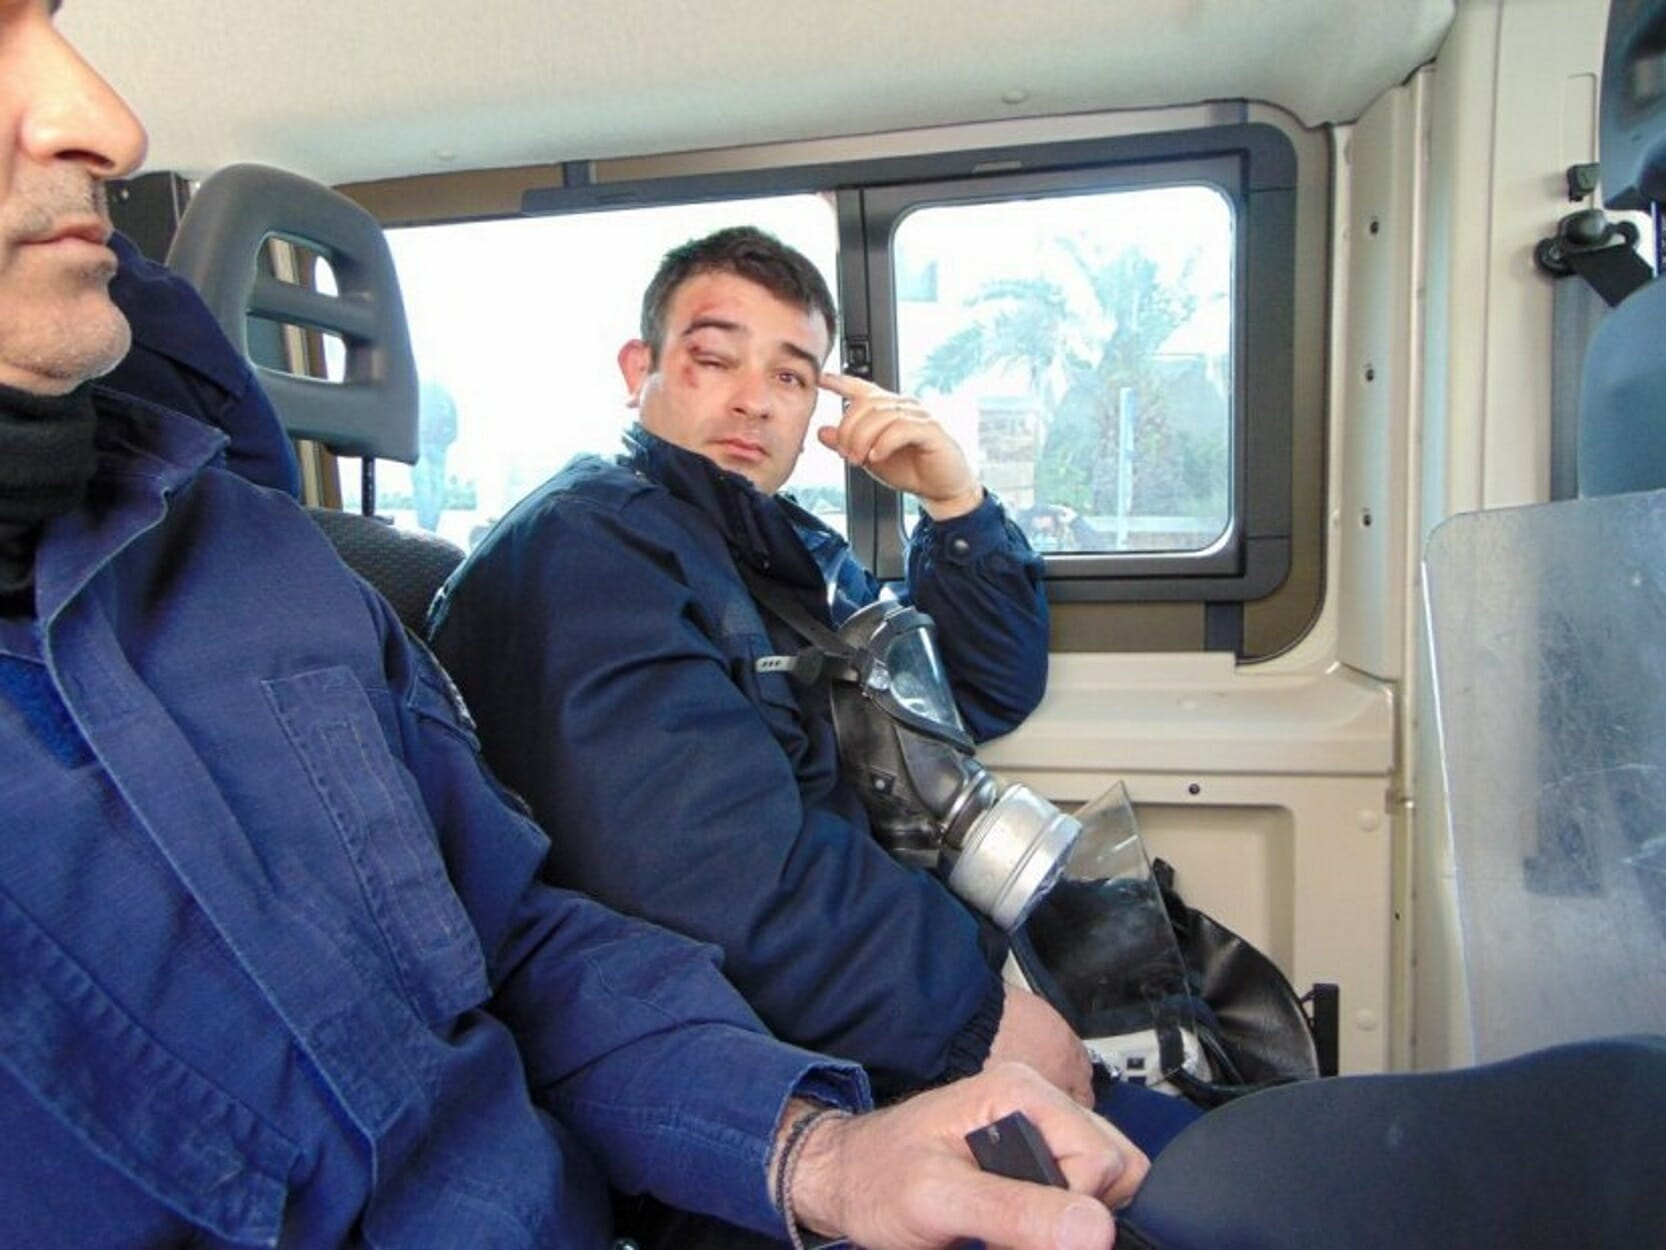 Χίος: Κάτοικοι μπήκαν στα ξενοδοχεία που μένουν τα ΜΑΤ - Τους πήραν τα ρούχα και τους ξυλοκόπησαν - 8 τραυματίες! [pics, video]